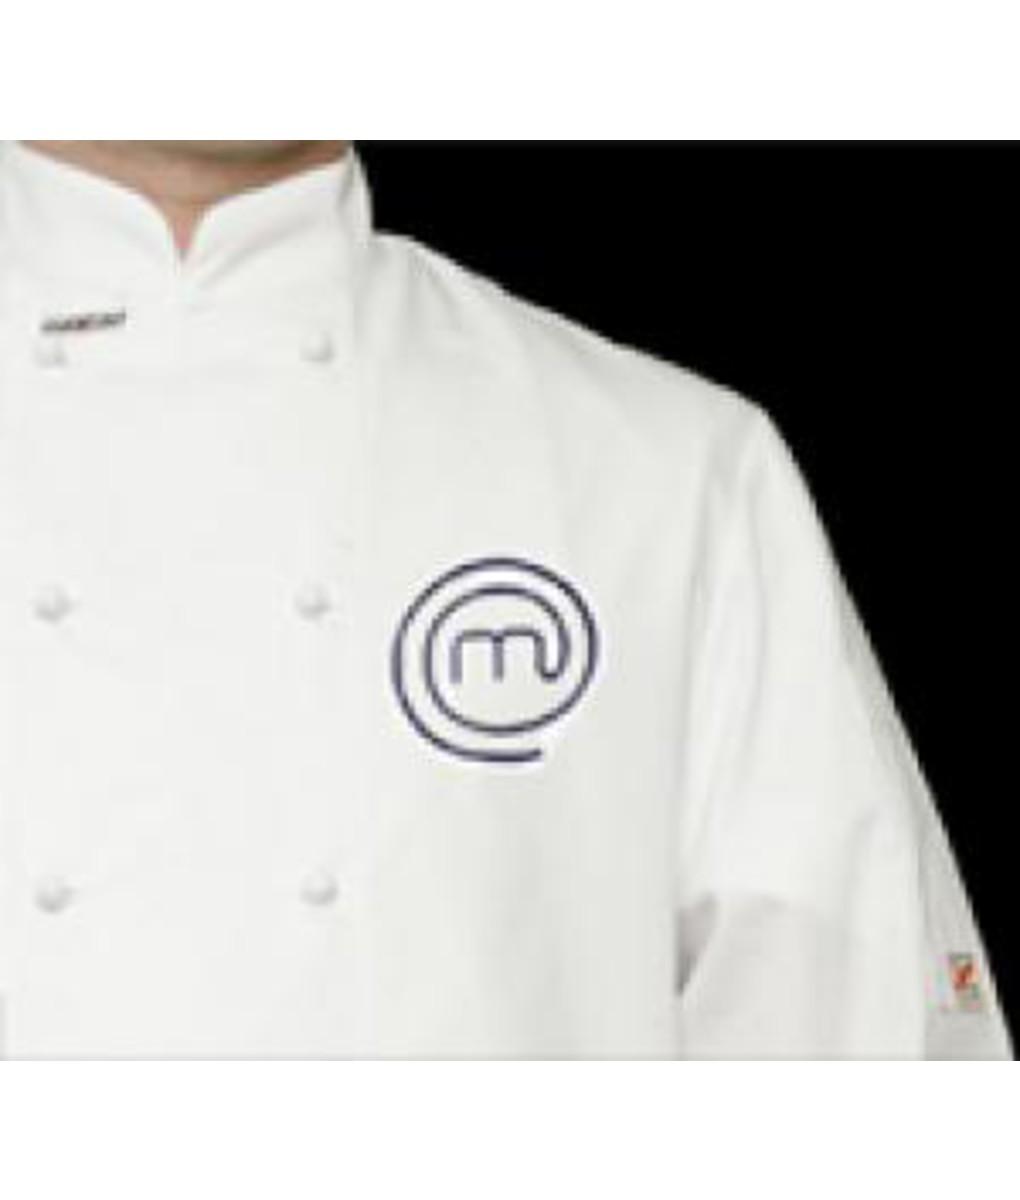 Masterchef apron (white) official merchandise - 102506_lge Rz